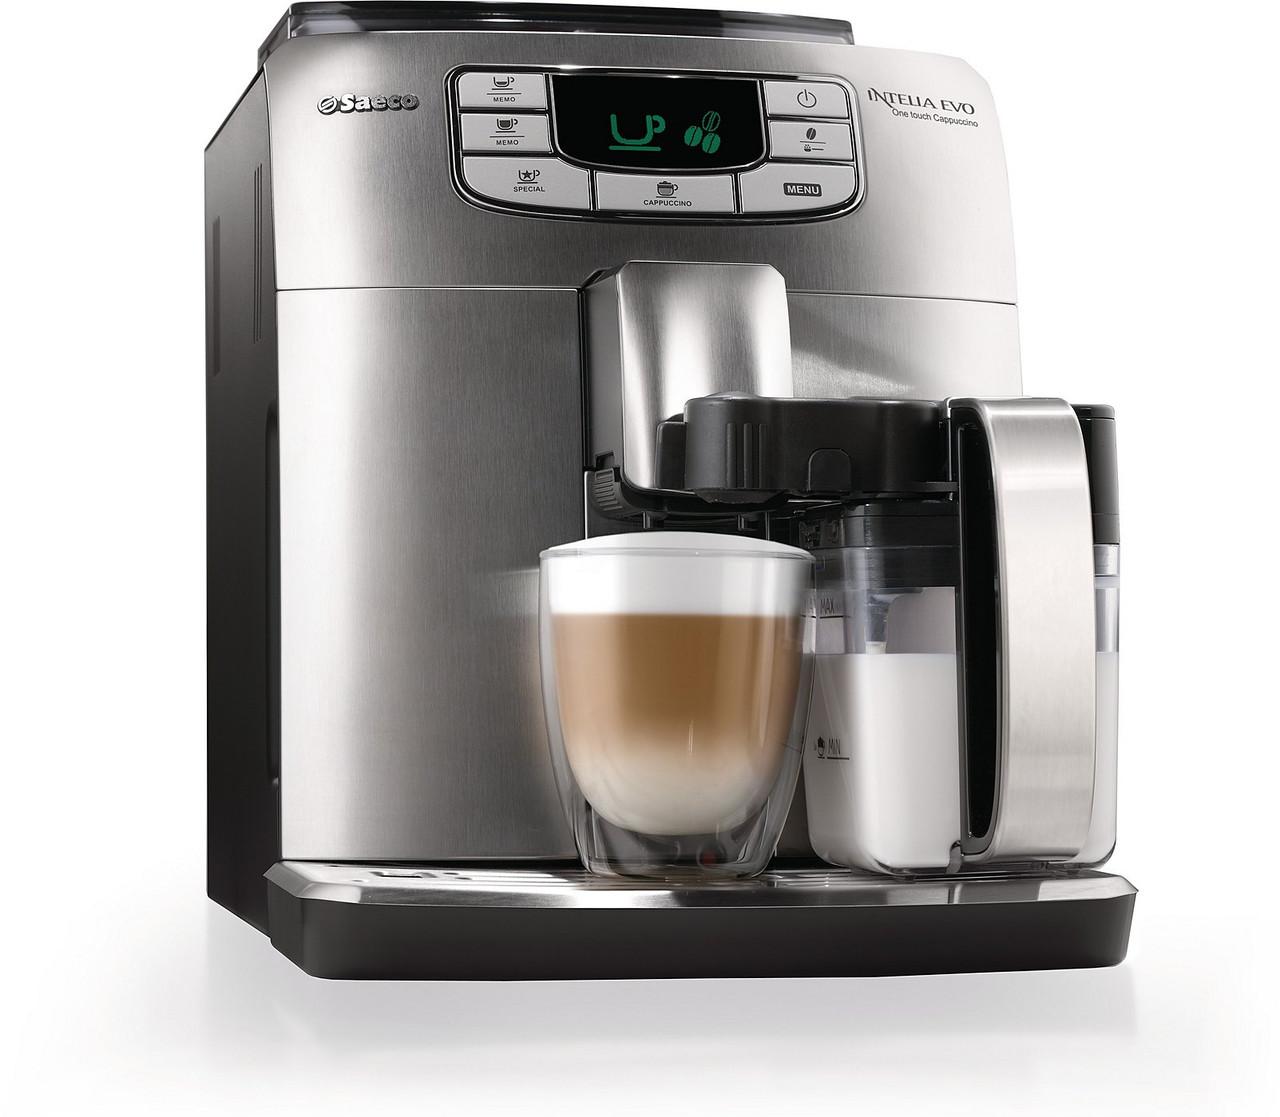 Кофеварка saeco intelia